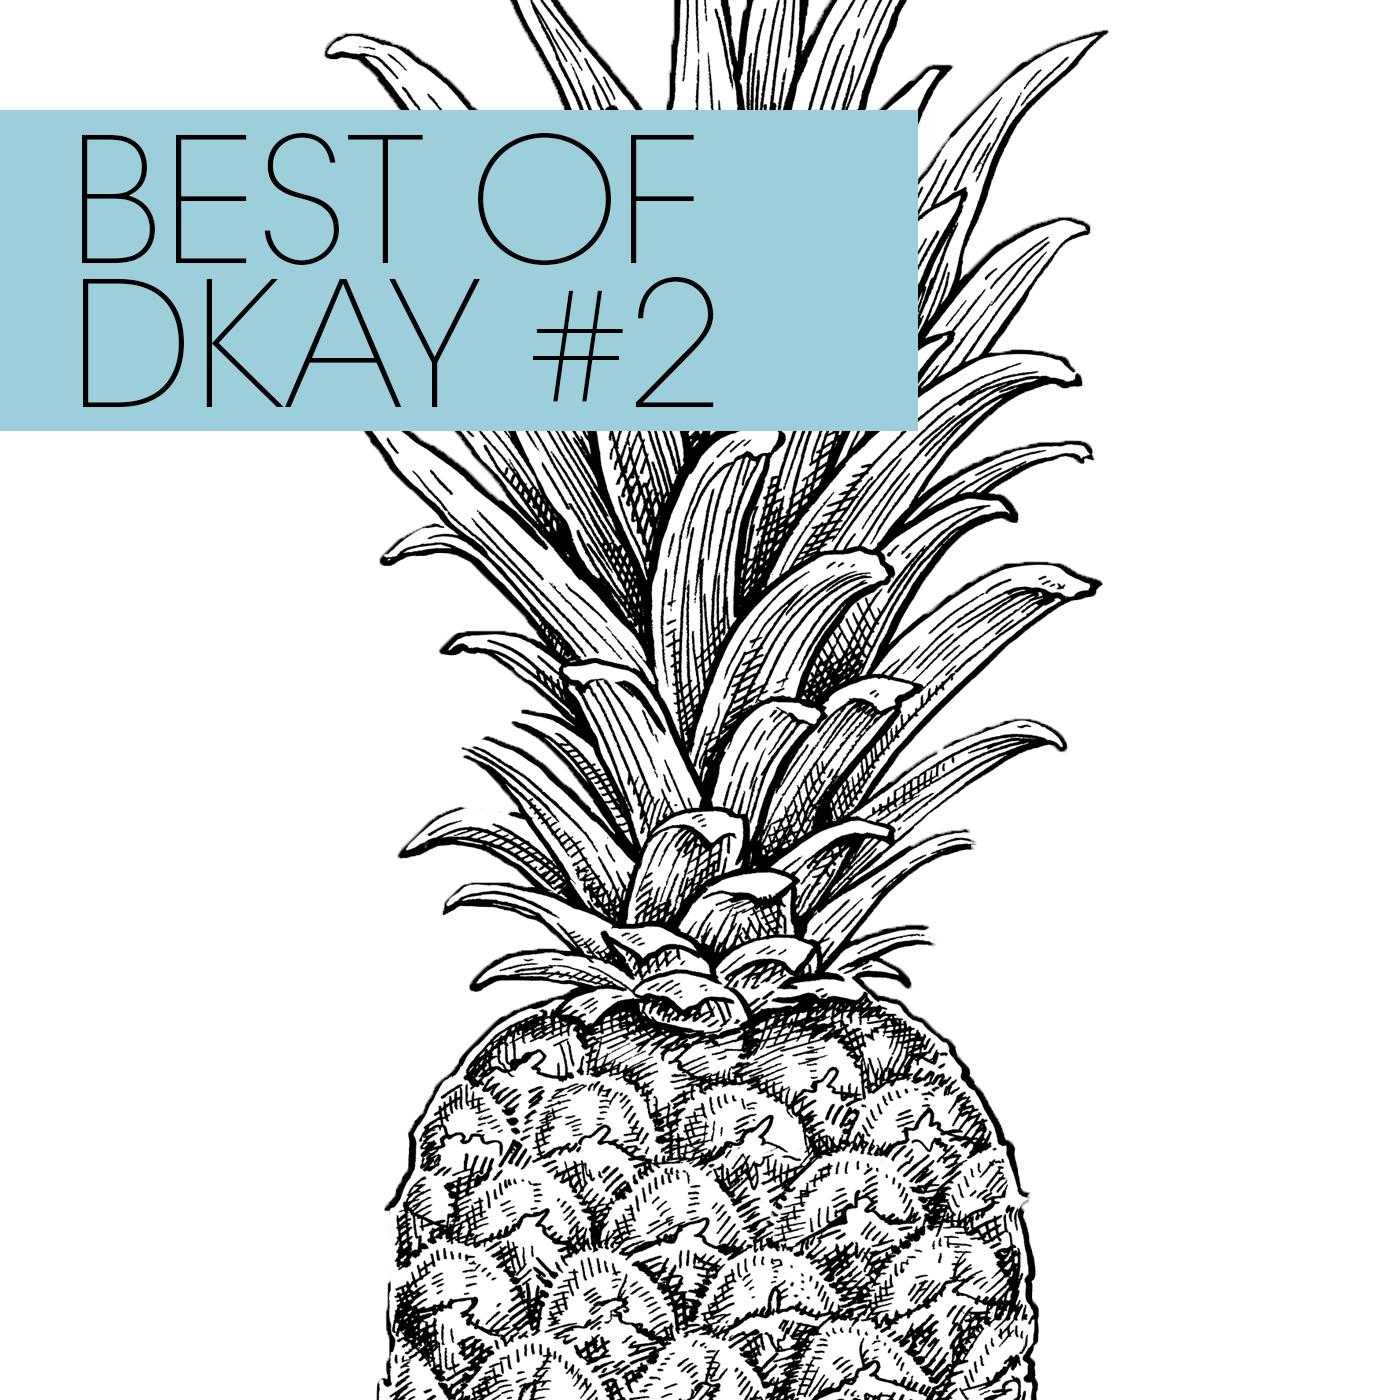 BEST OF DKAY #2 -